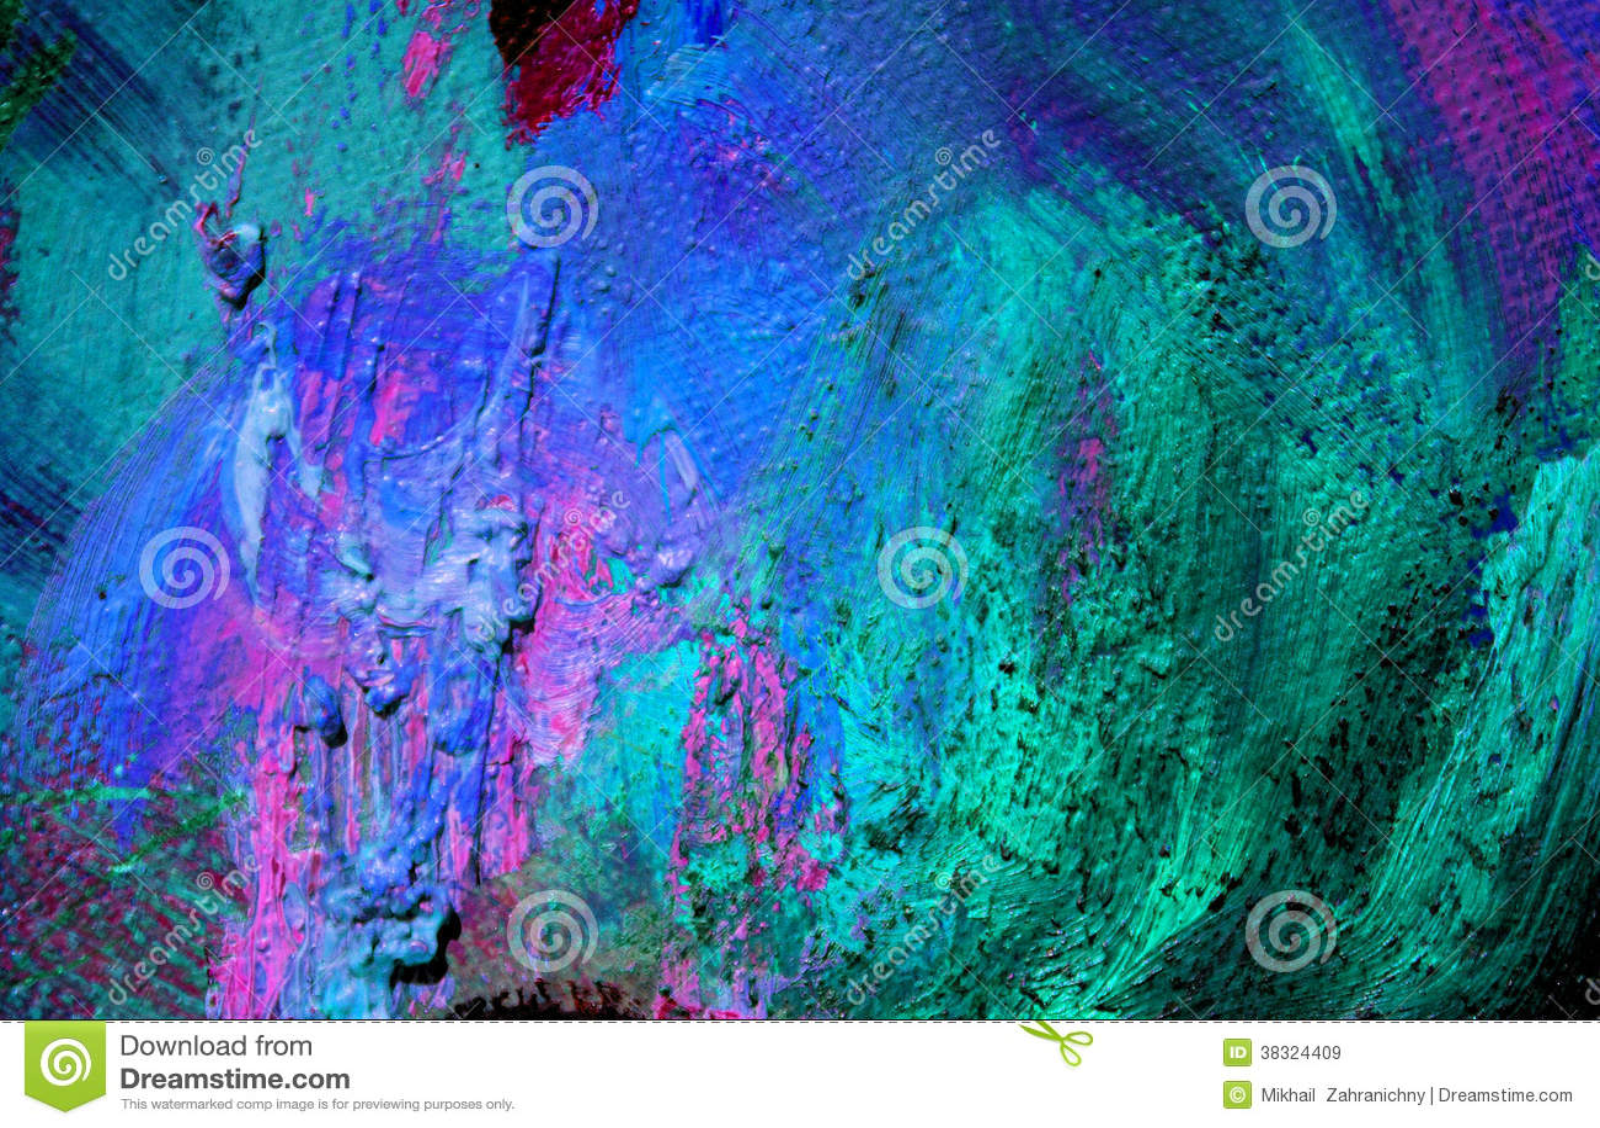 Peinture abstraite par l 39 huile sur une toile fond images libres de droit - Peinture a l huile abstraite ...